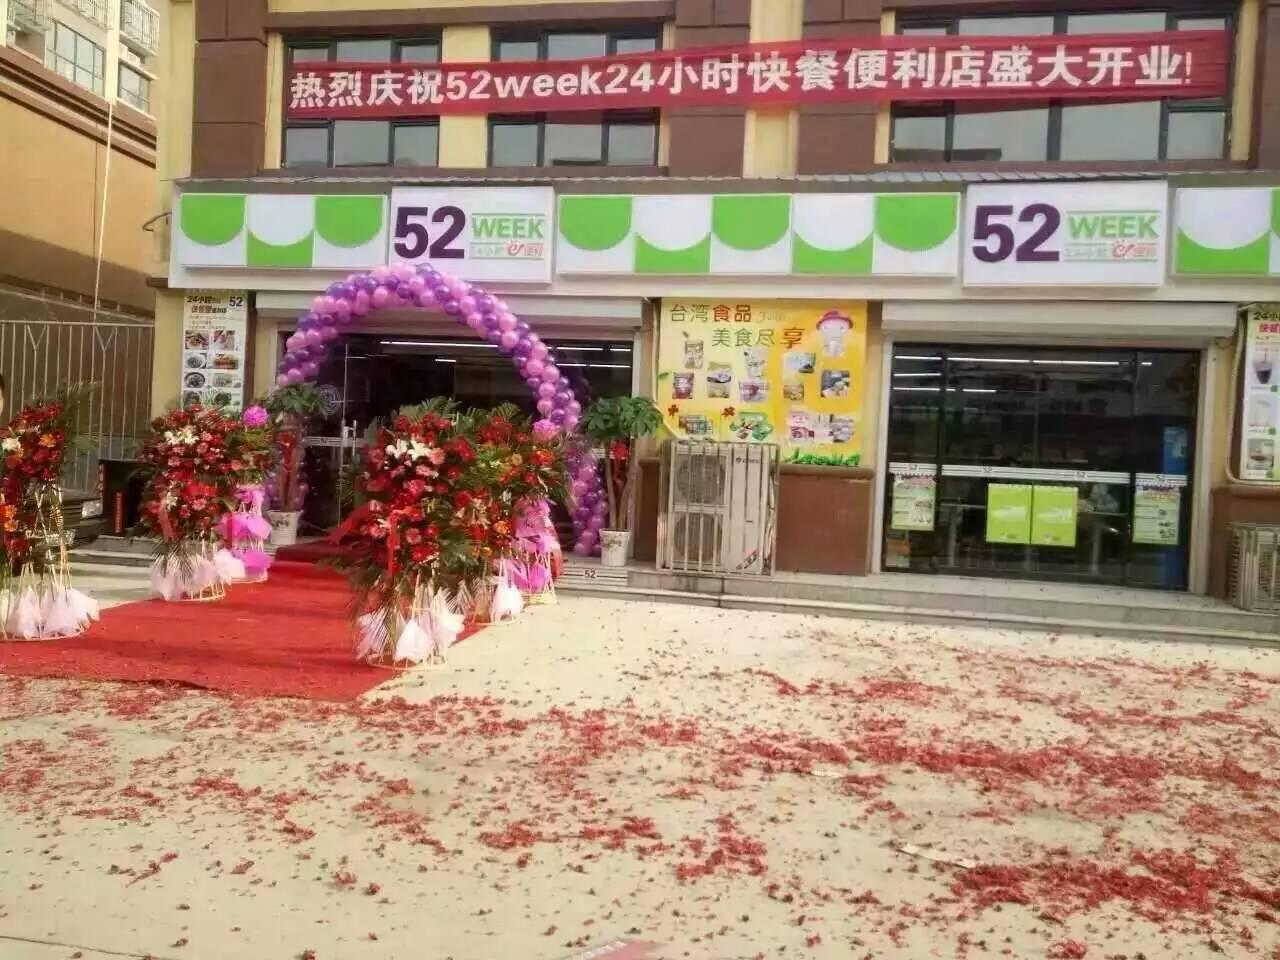 河北景县52week便利店